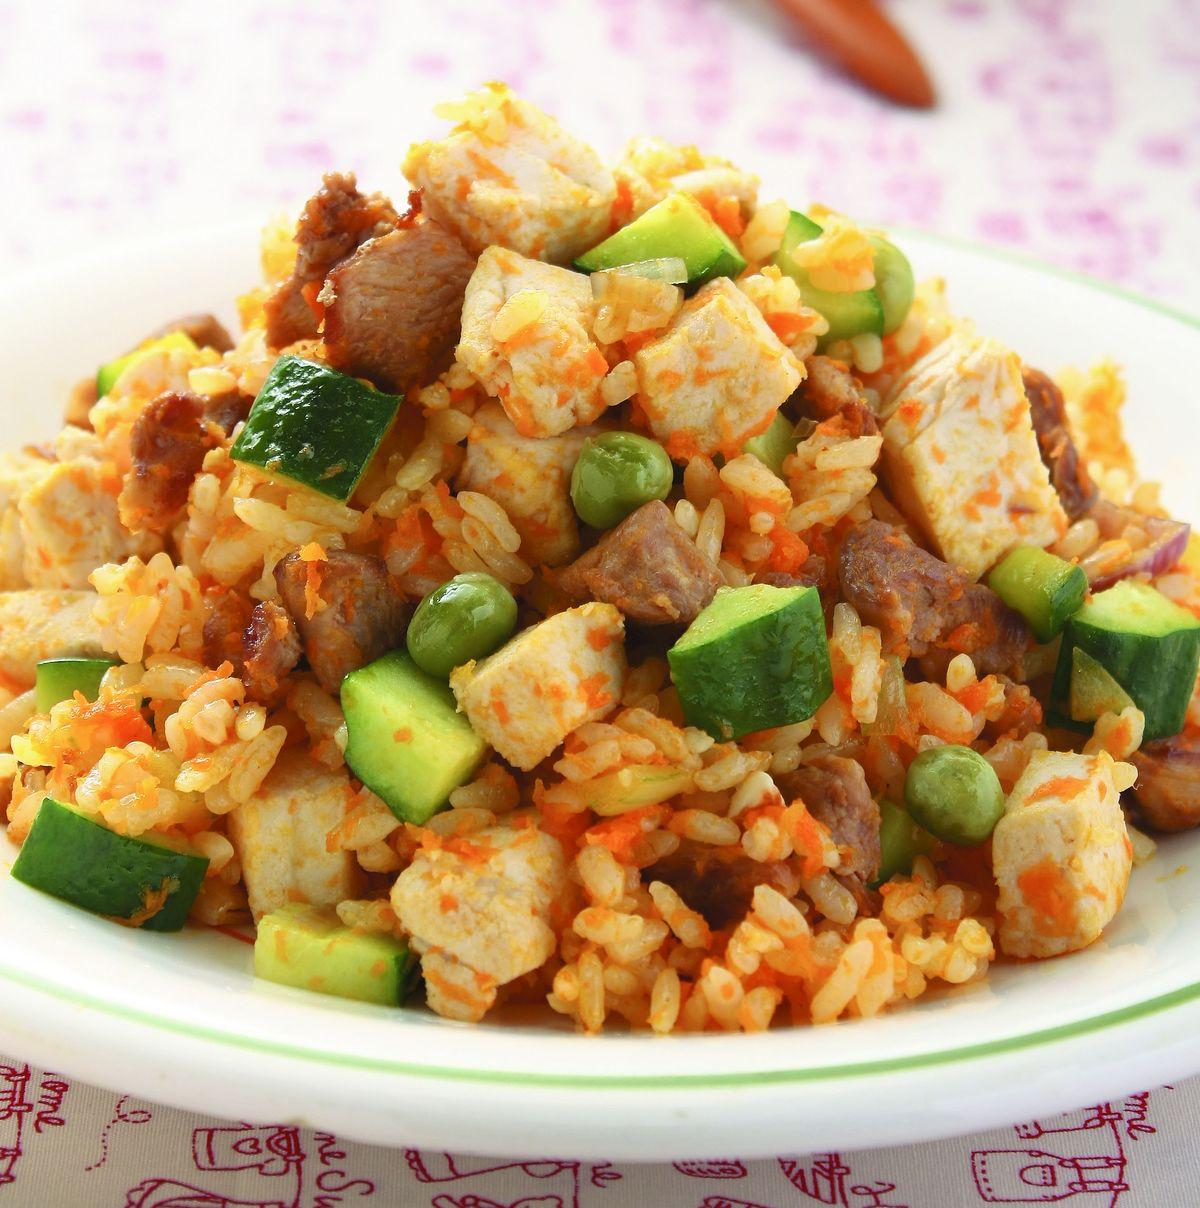 食譜:旗魚雞粒炒飯